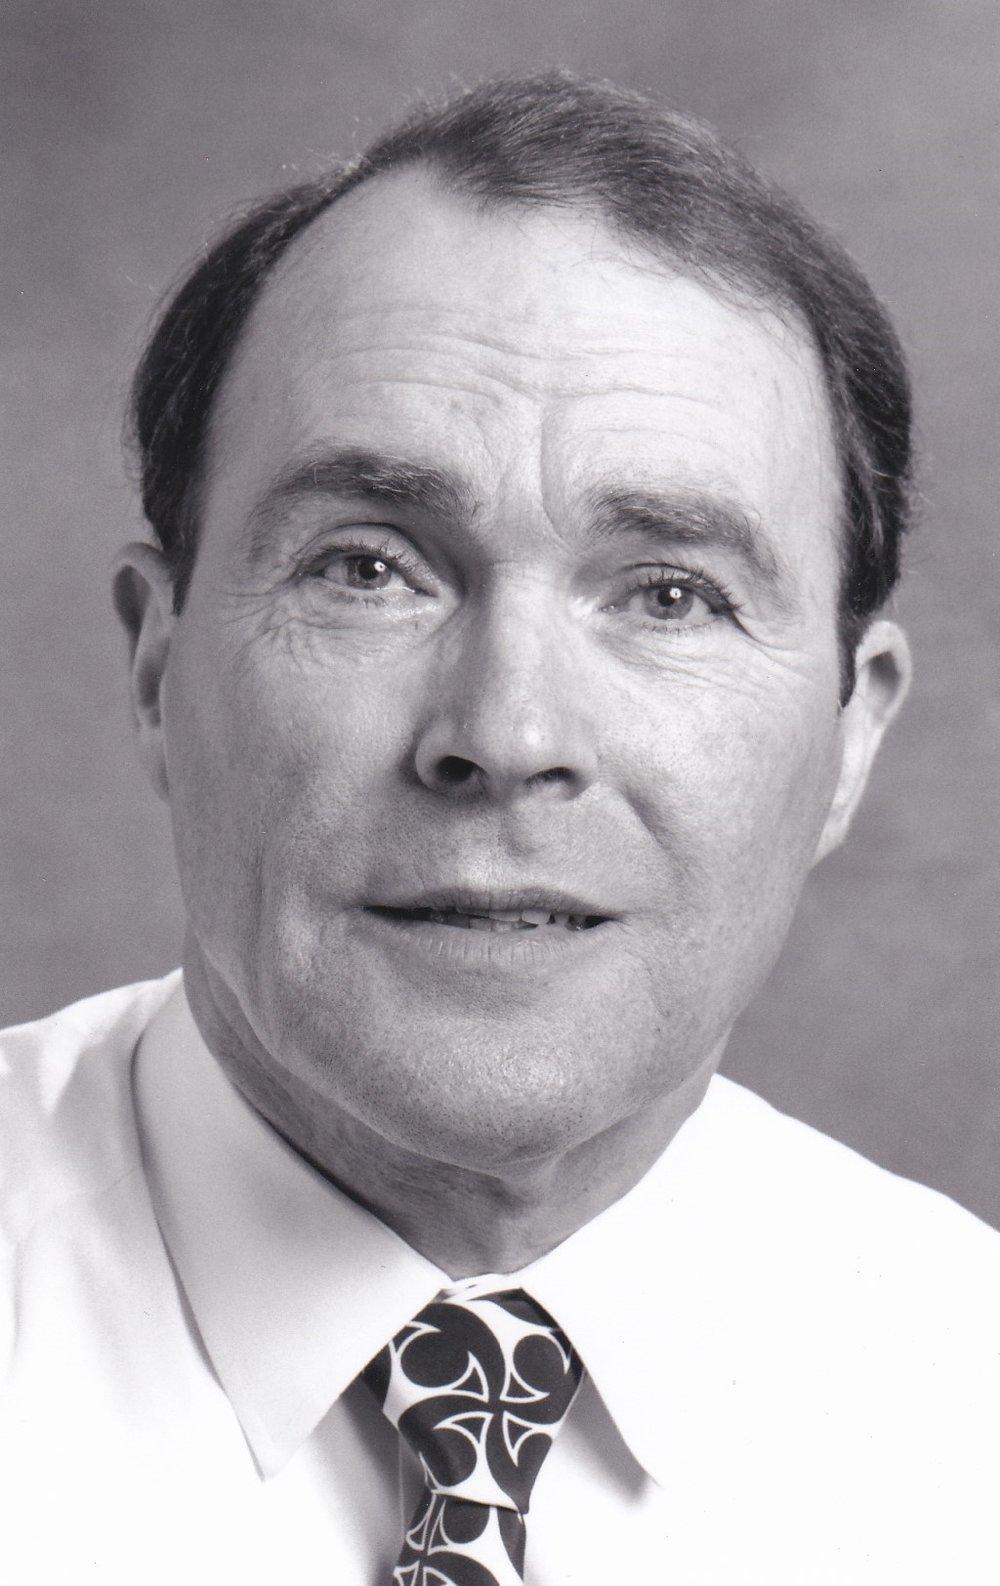 Douglas Kynoch